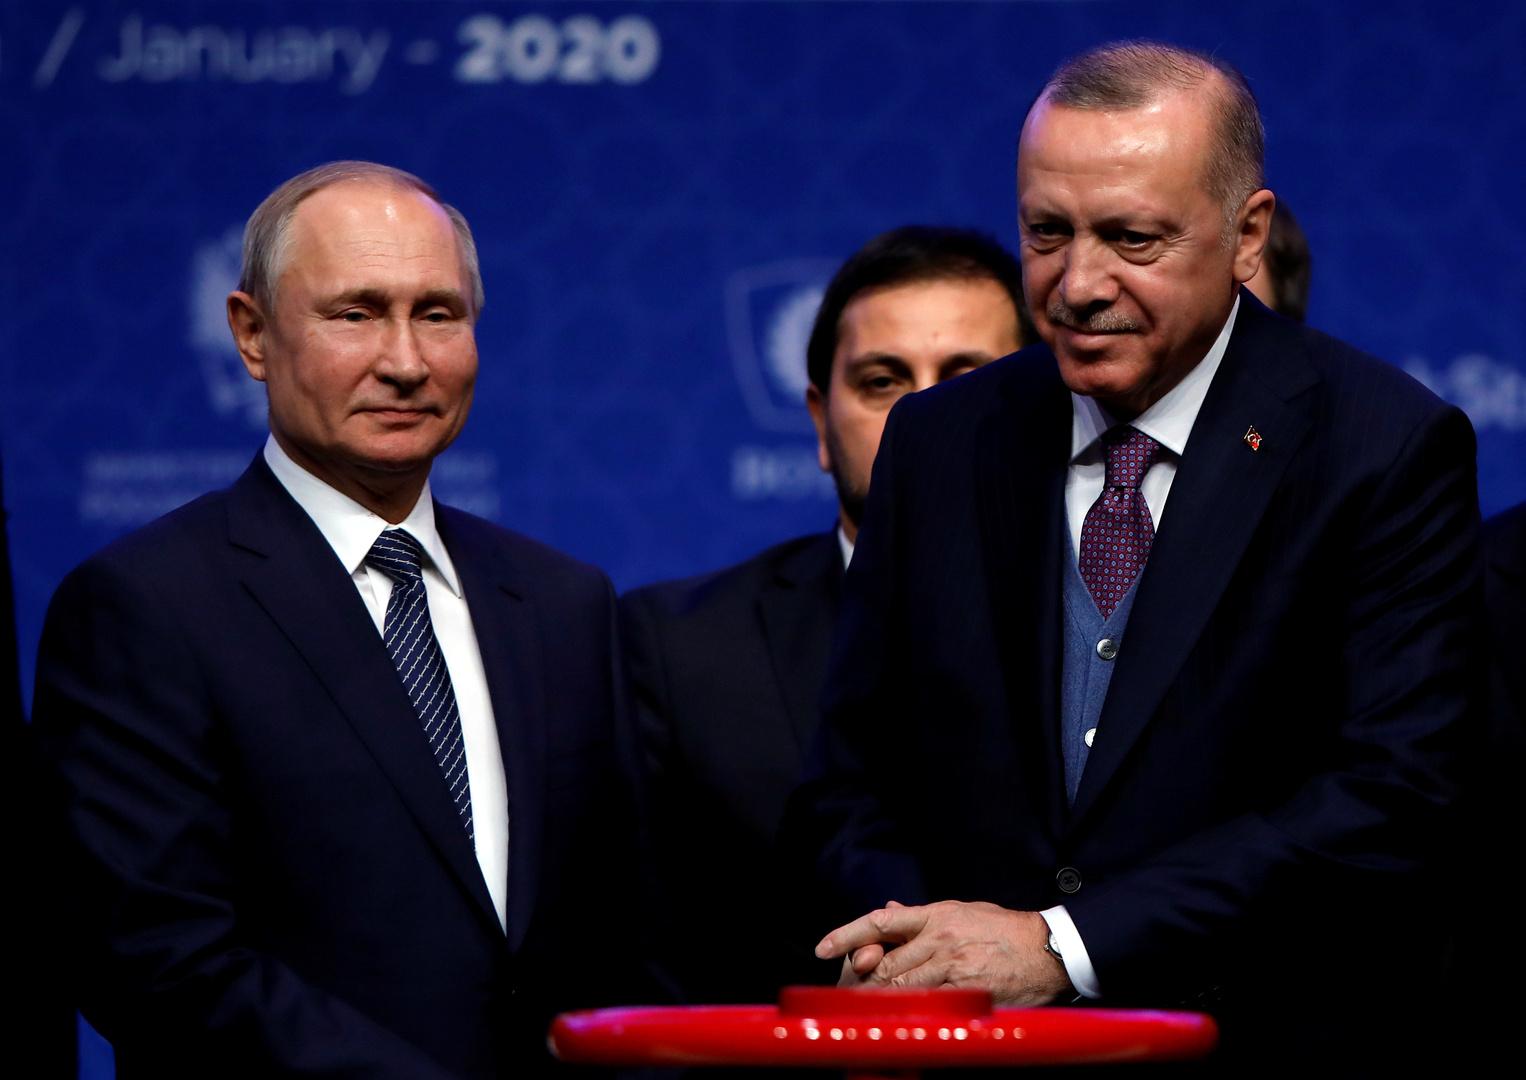 تركيا لن تتخلى عن تعميق العلاقات مع روسيا تحت ضغط واشنطن